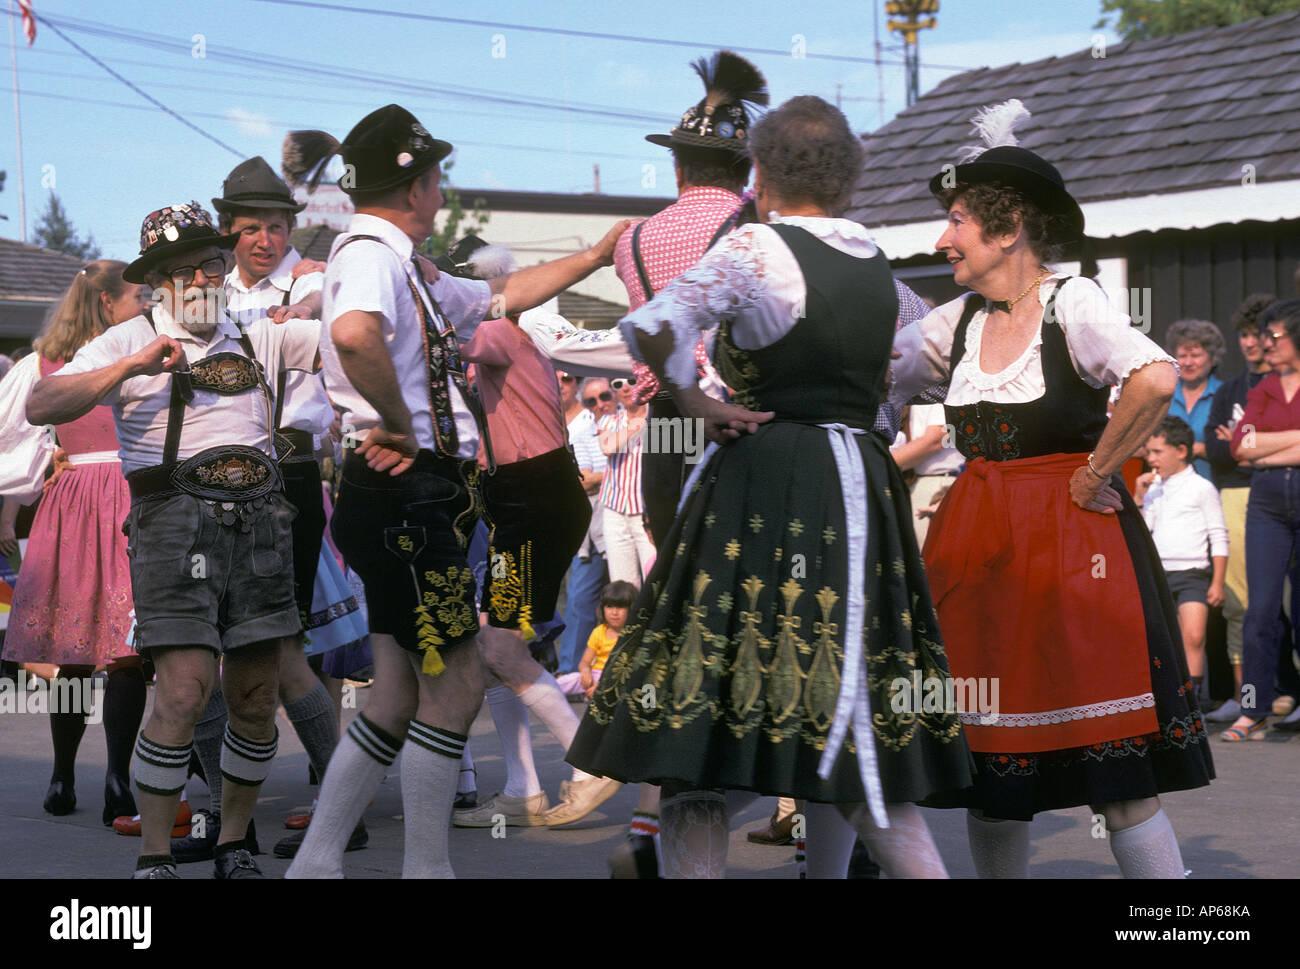 5295d097c732 Tänzer in traditionellen böhmischen Kleid amüsieren sich auf dem  Oktoberfest in Mt Engel